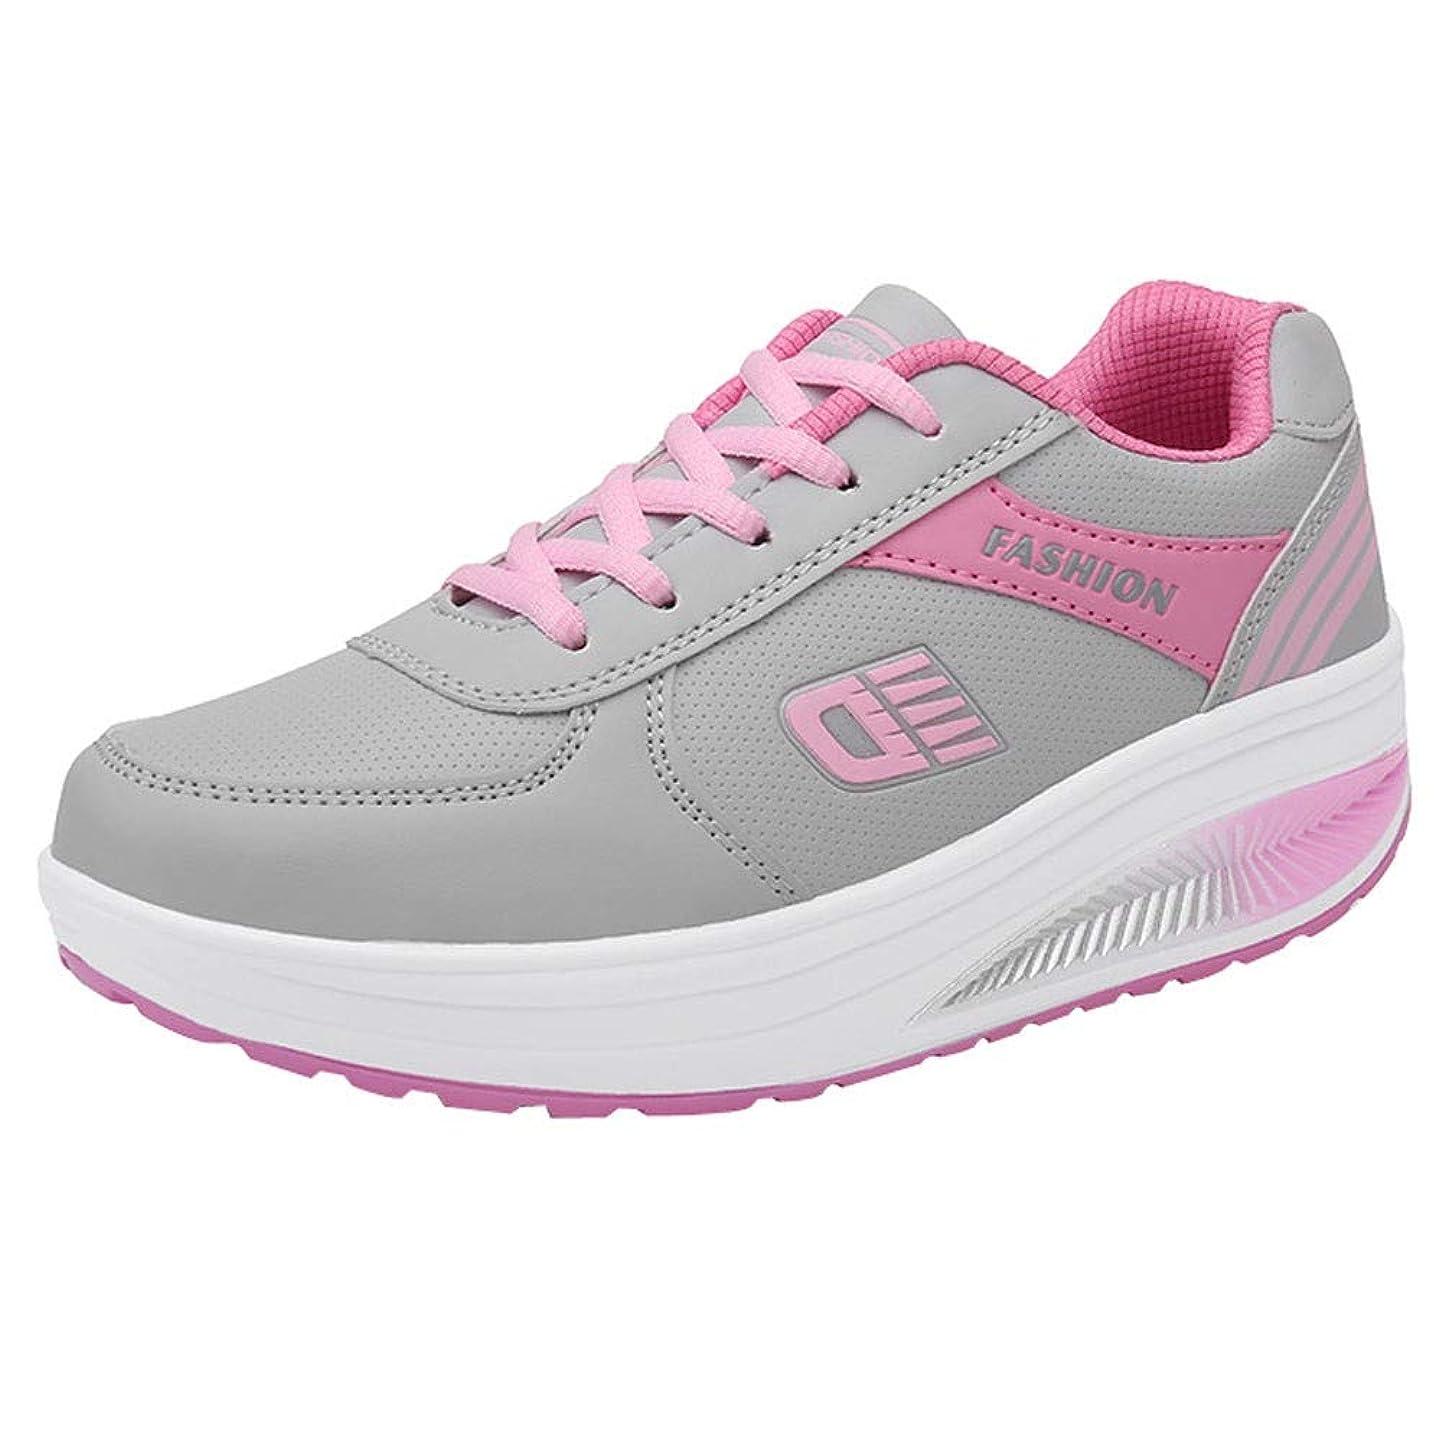 安らぎここに吹きさらしランニングシューズ スニーカー レディース メンズ ジョギングシューズ 運動靴 軽量 防水 通学靴 [春の屋] ファッション女性はソフトボトムロッキングシューズスニーカーを高める高校生ランニングシューズ